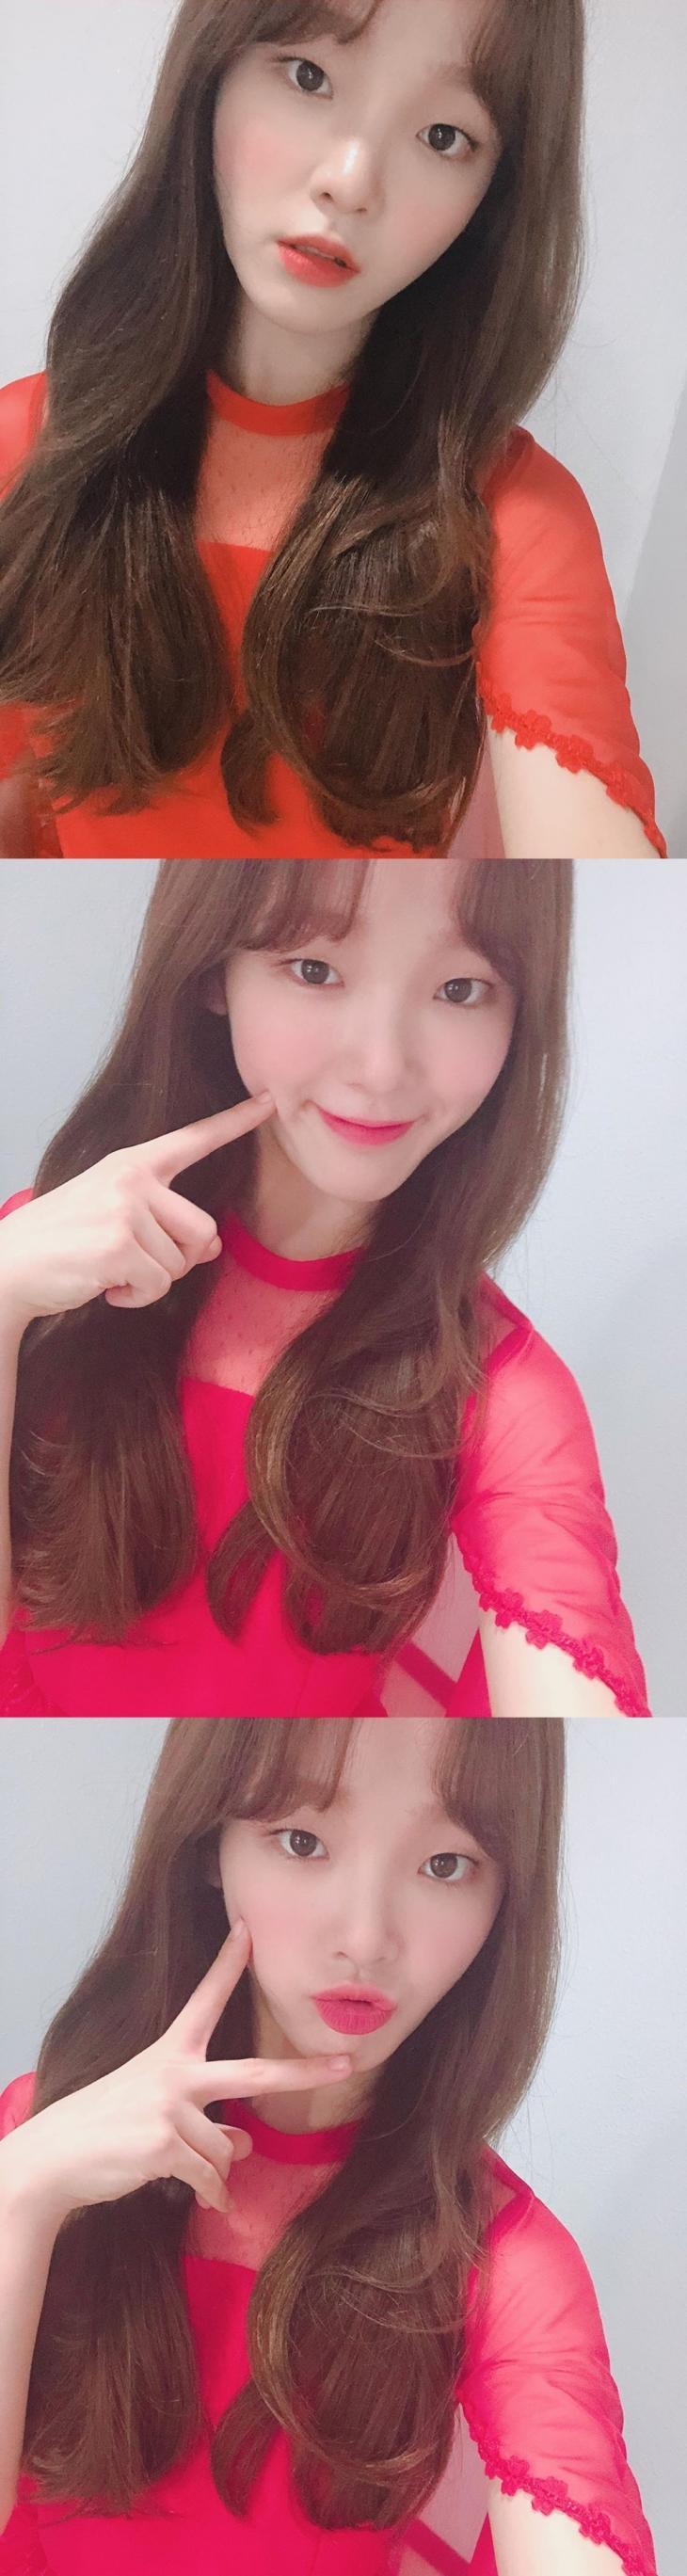 오마이걸 승희 / 오마이걸 공식 인스타그램